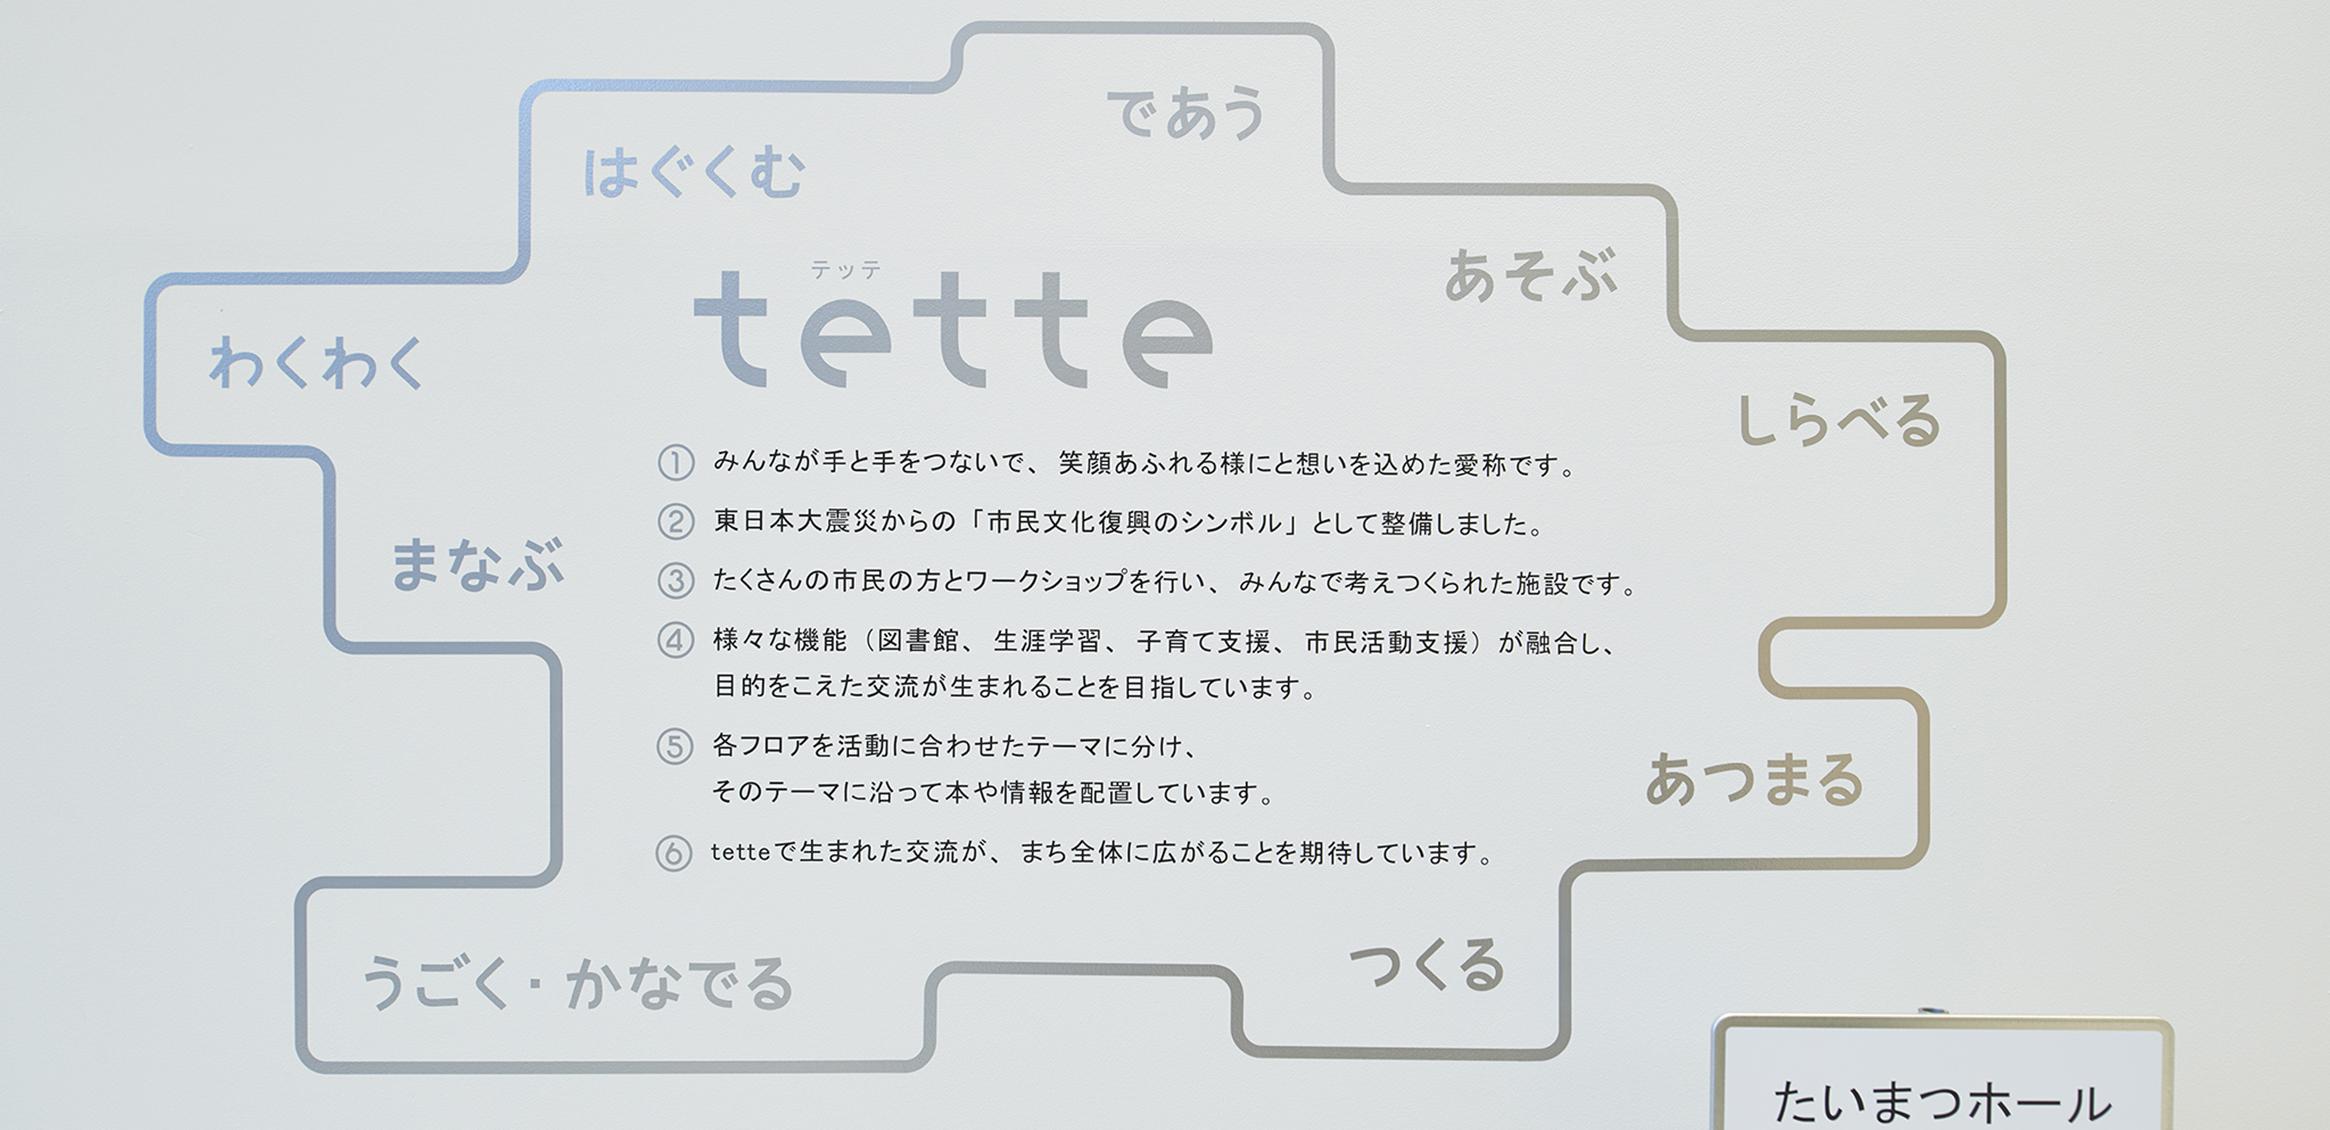 須賀川市民交流センターtette サイン計画2枚目